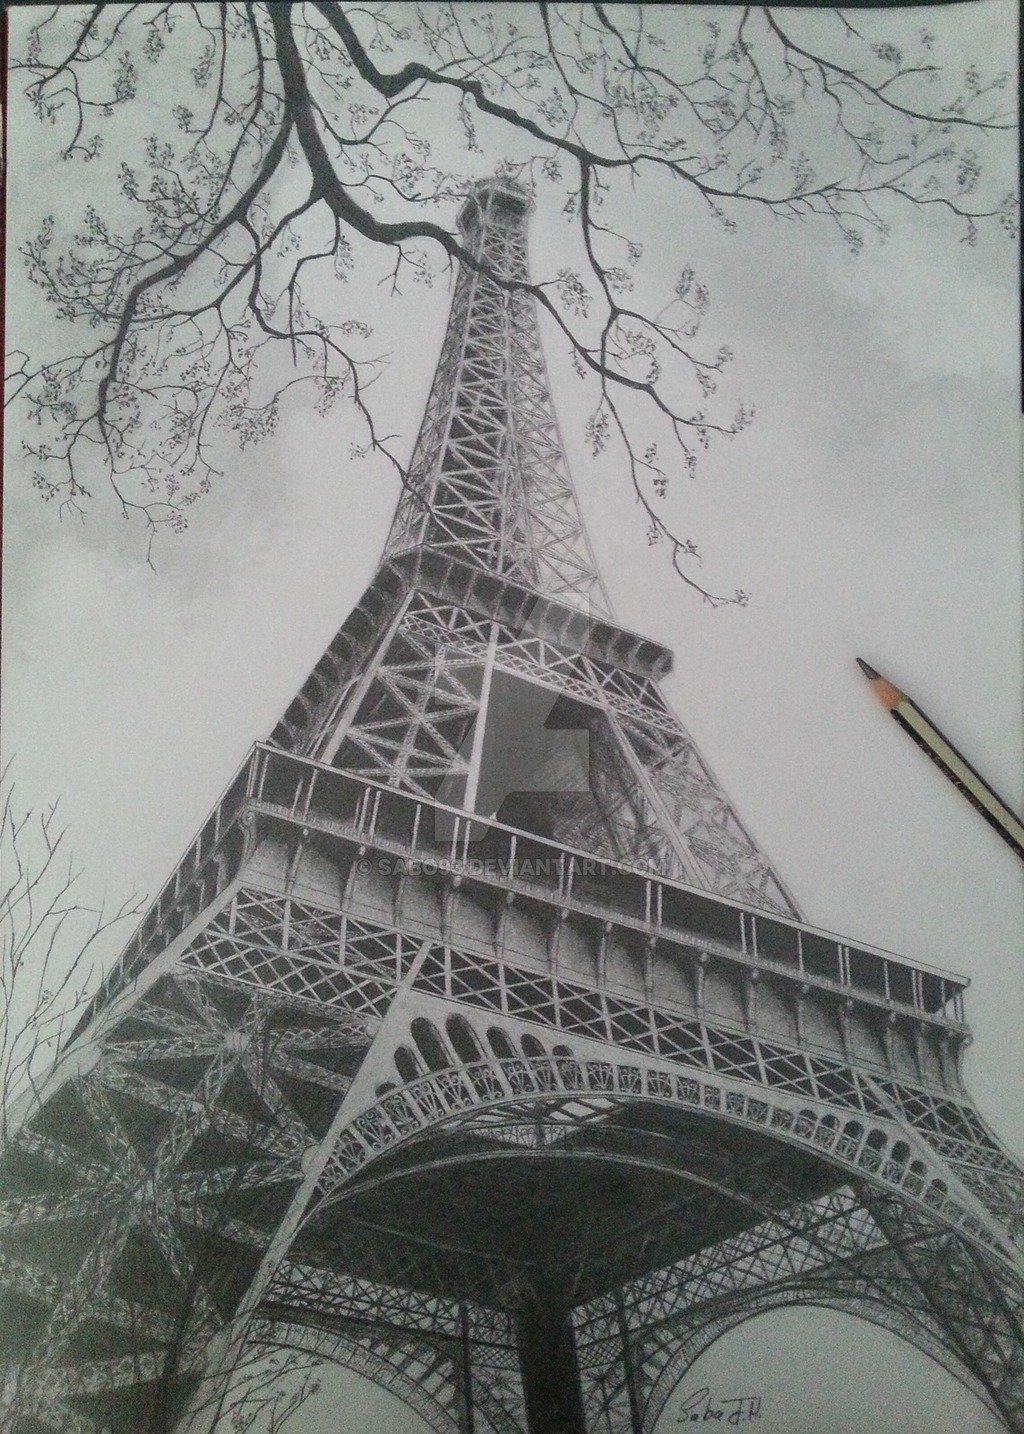 Картинки эйфелевой башни карандашом для срисовки, лет